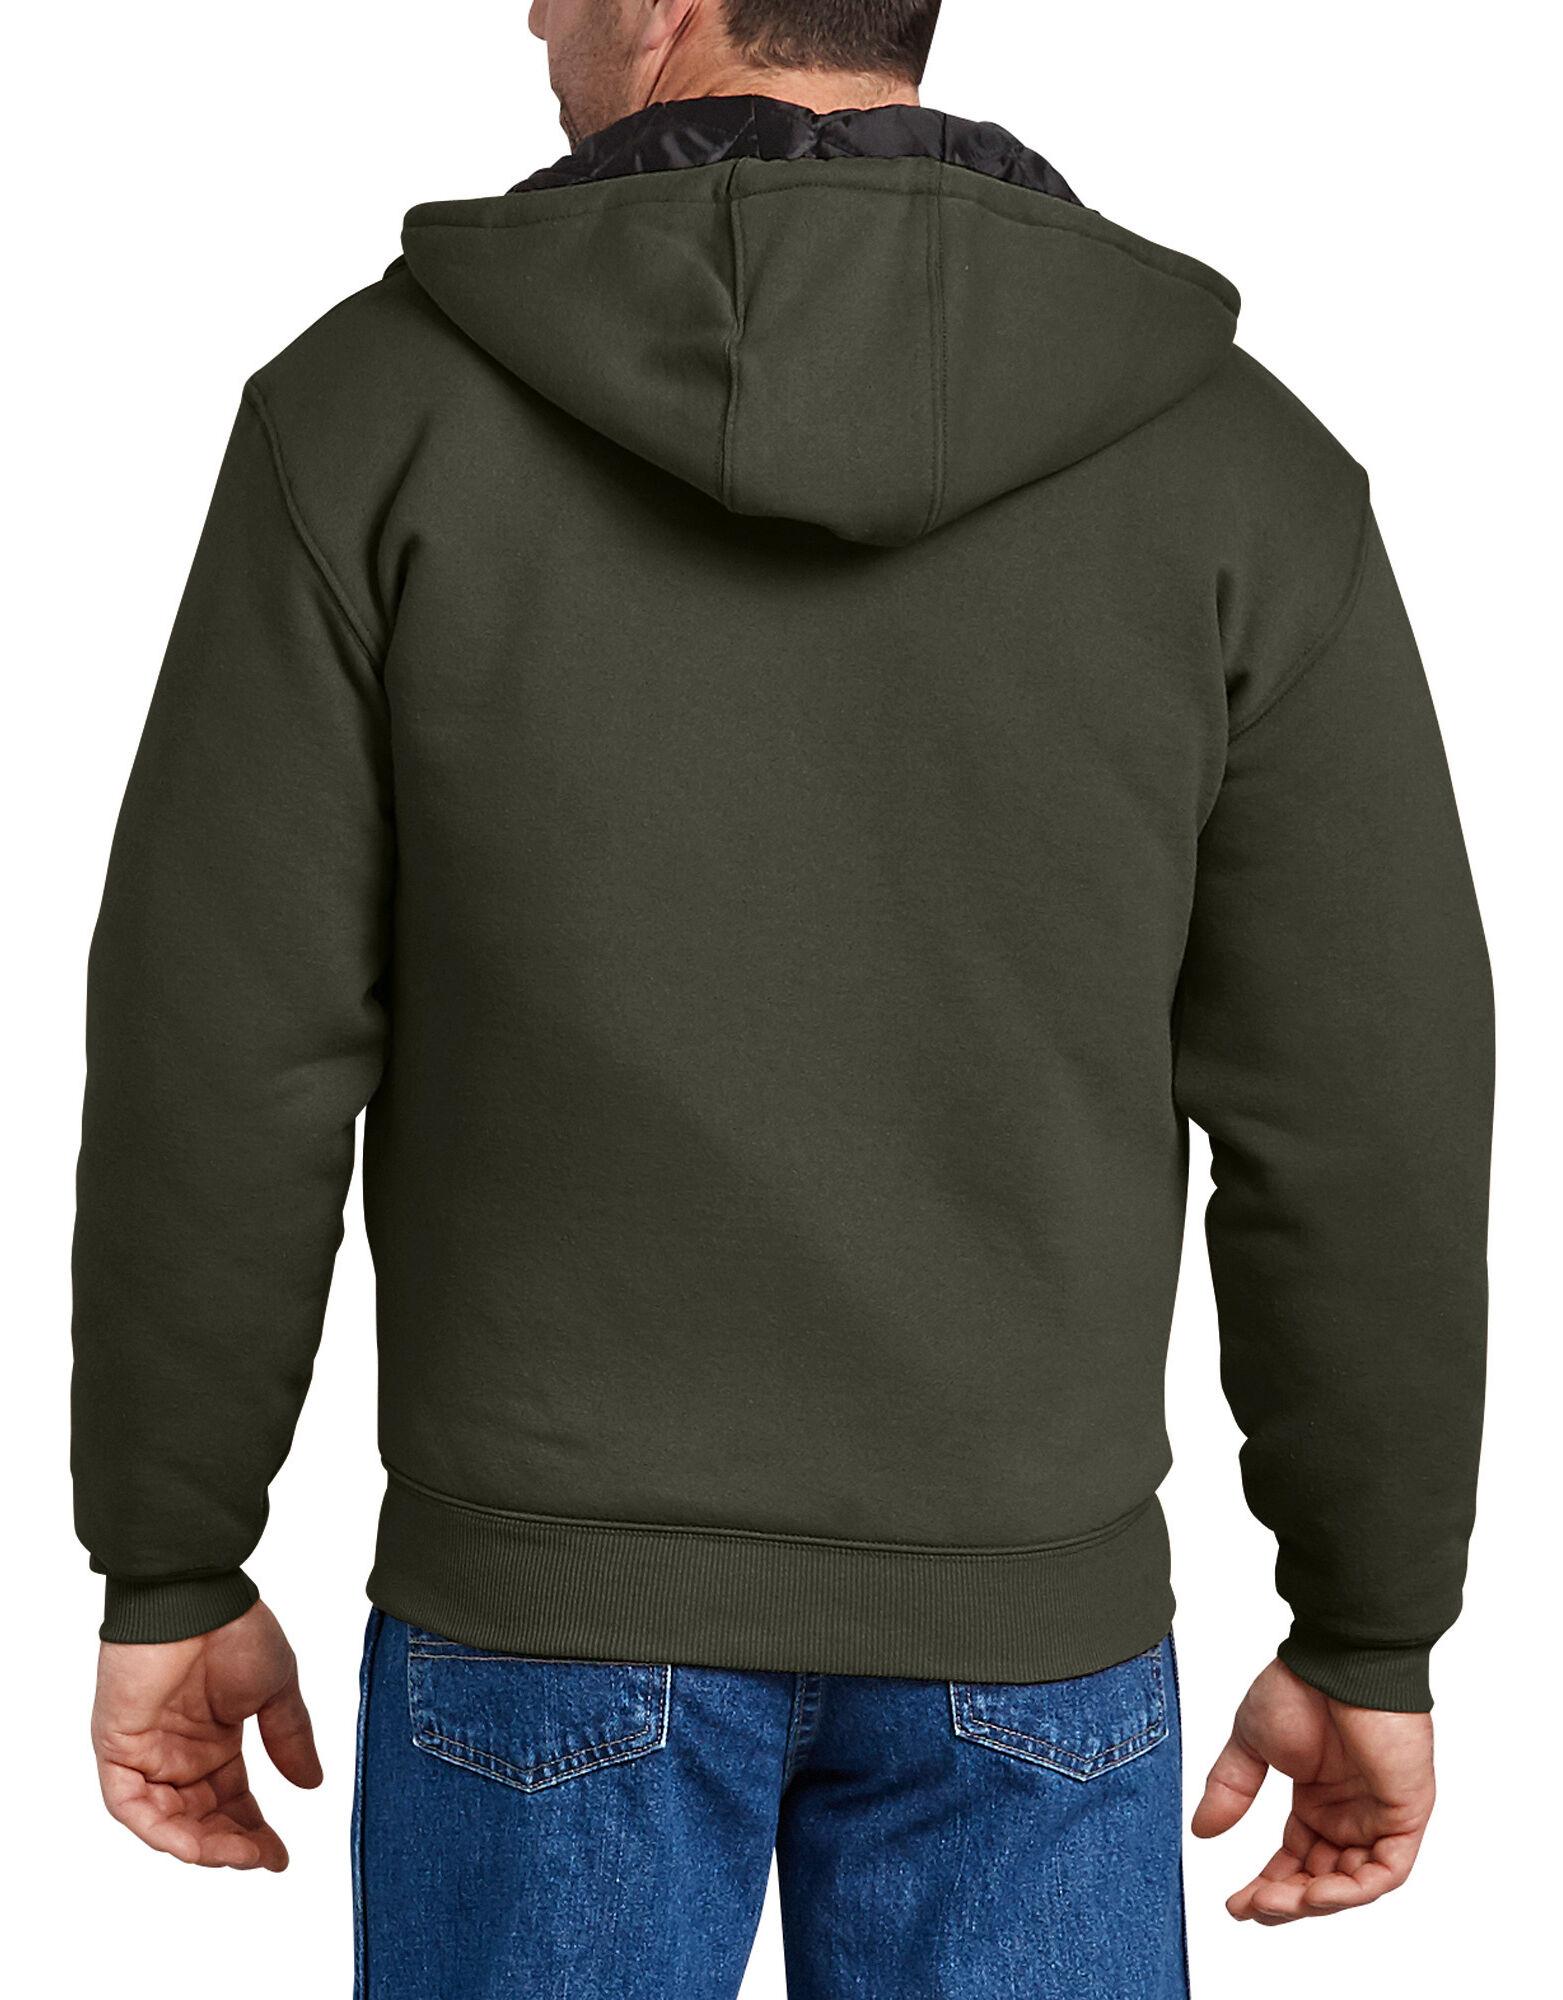 Dickies-Men-039-s-TW394-Heavyweight-Quilted-Fleece-Zip-Up-Hoodie thumbnail 5